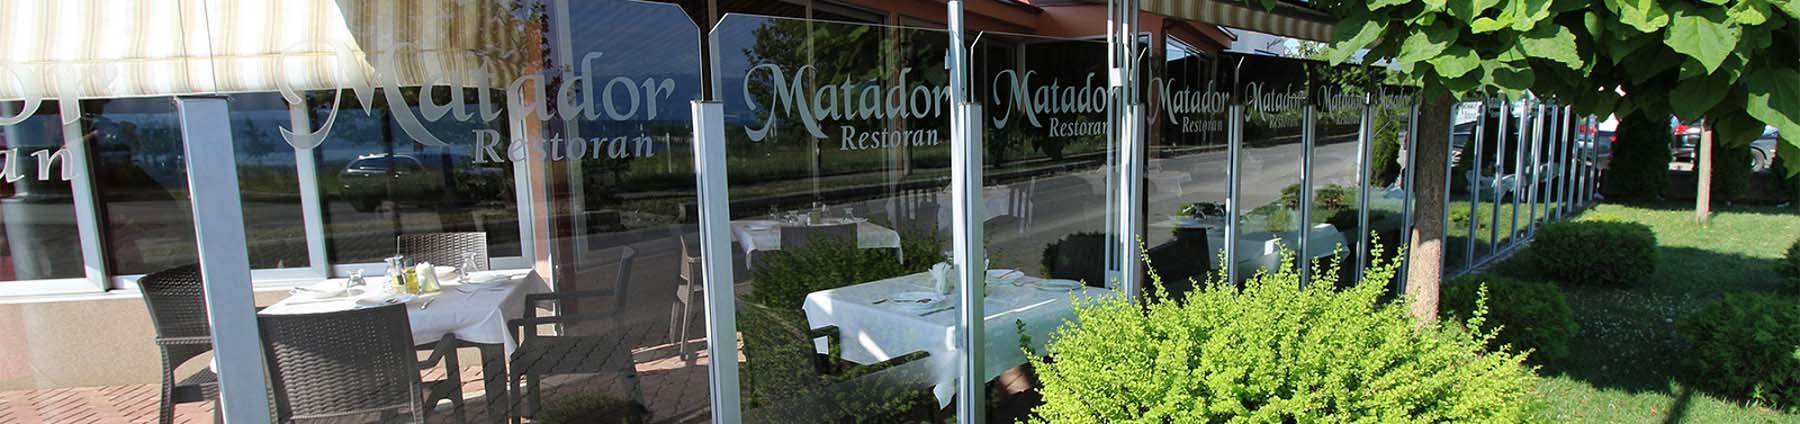 Restaurant Matador